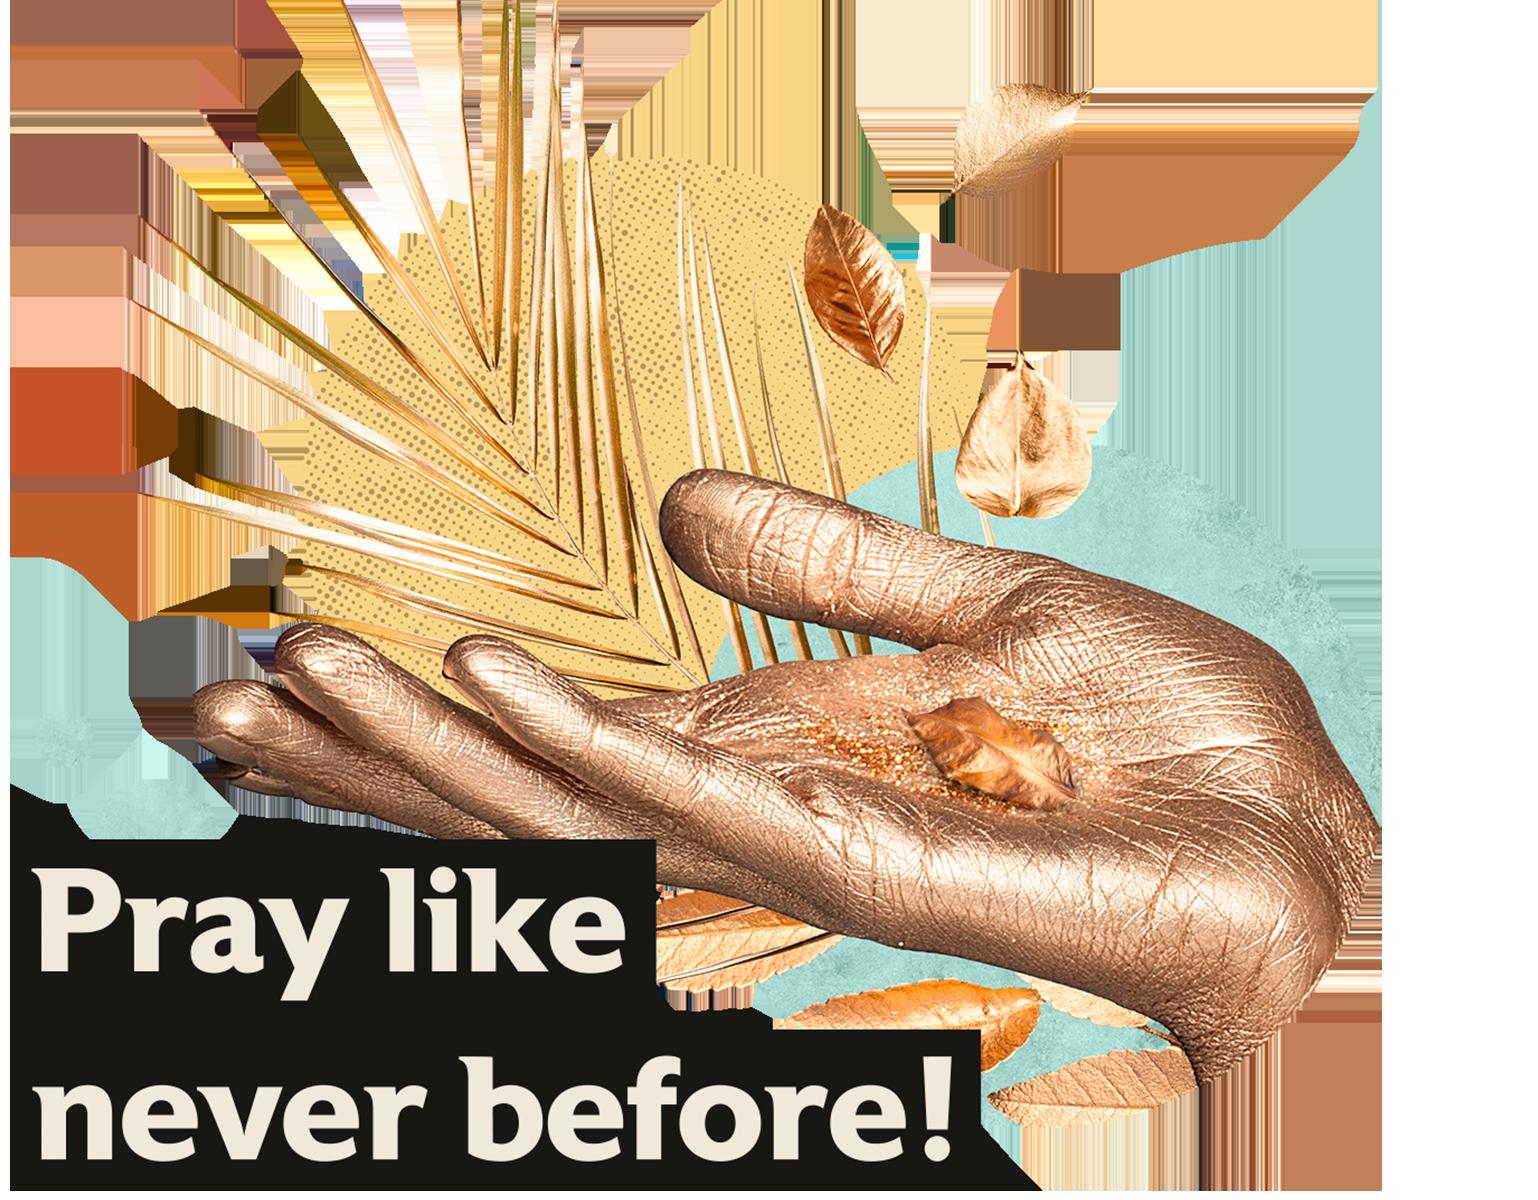 Pray like never before